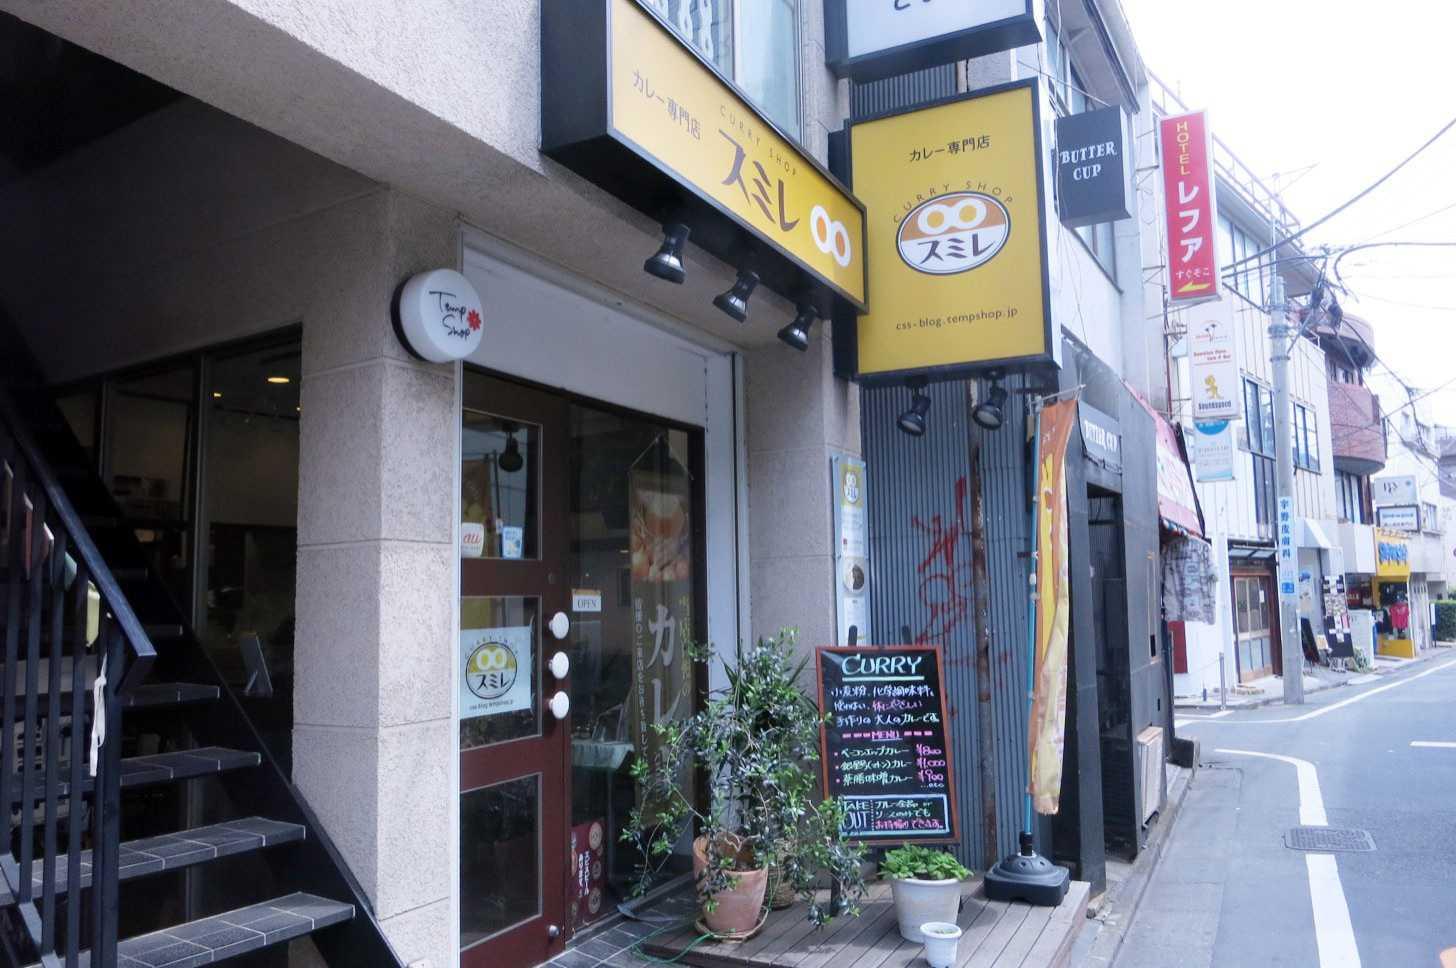 カレー専門店スミレ(東京・下北沢)